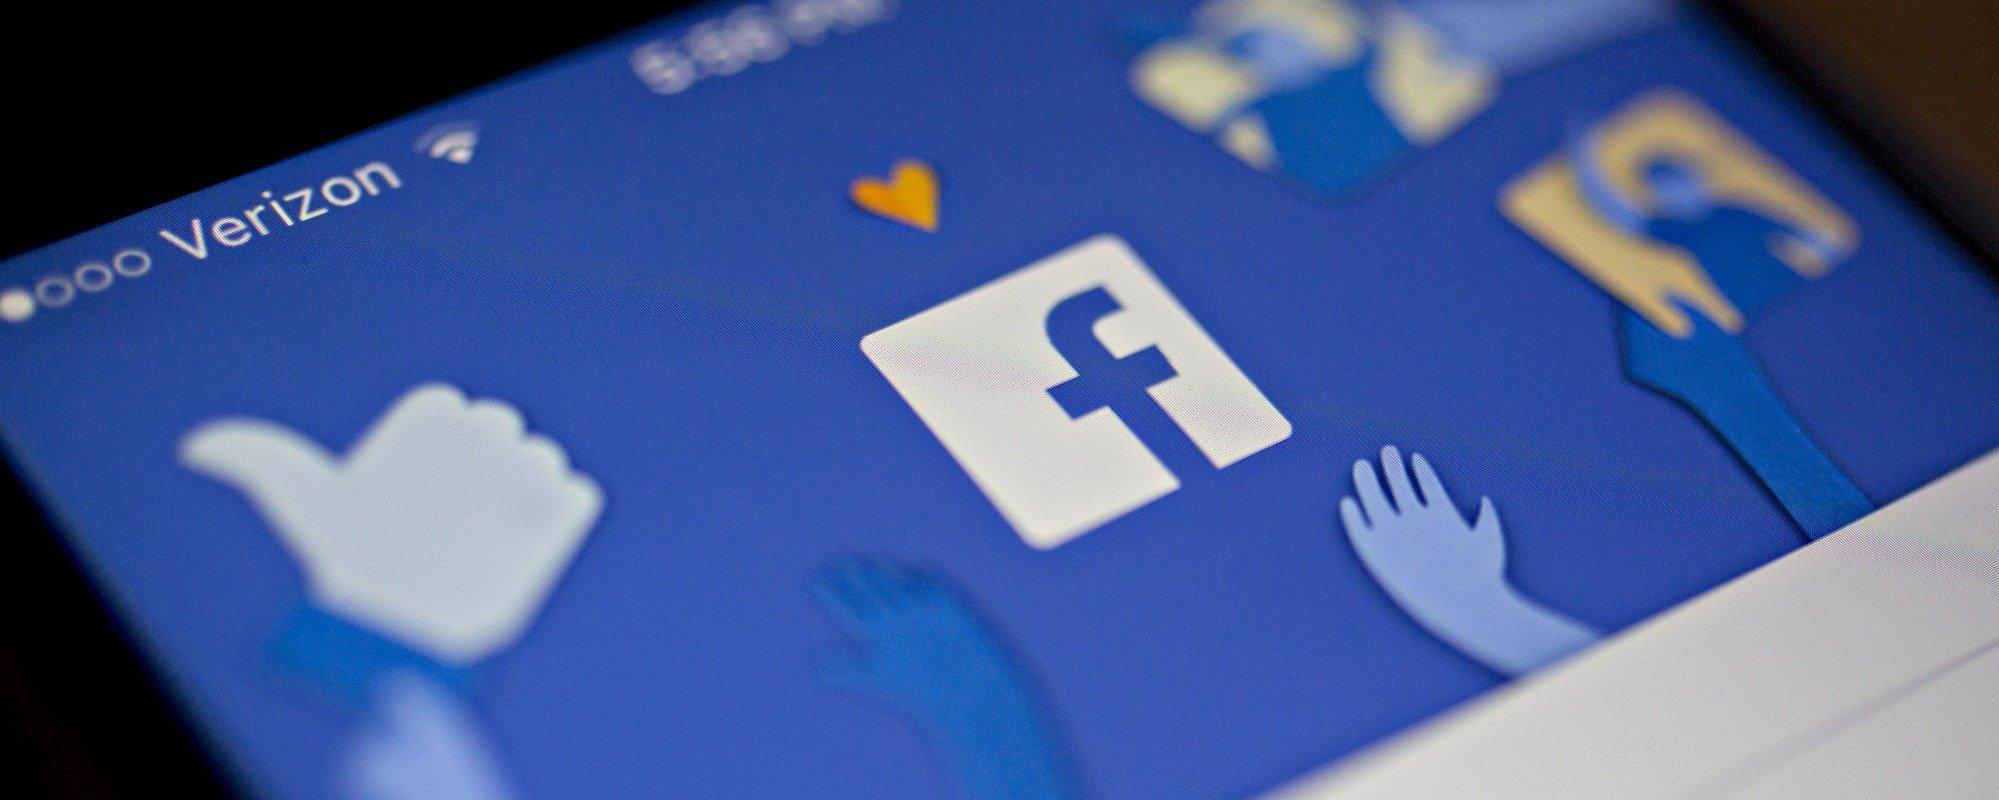 Diagnosticada com estresse pós-traumático, ex-moderadora processa Facebook